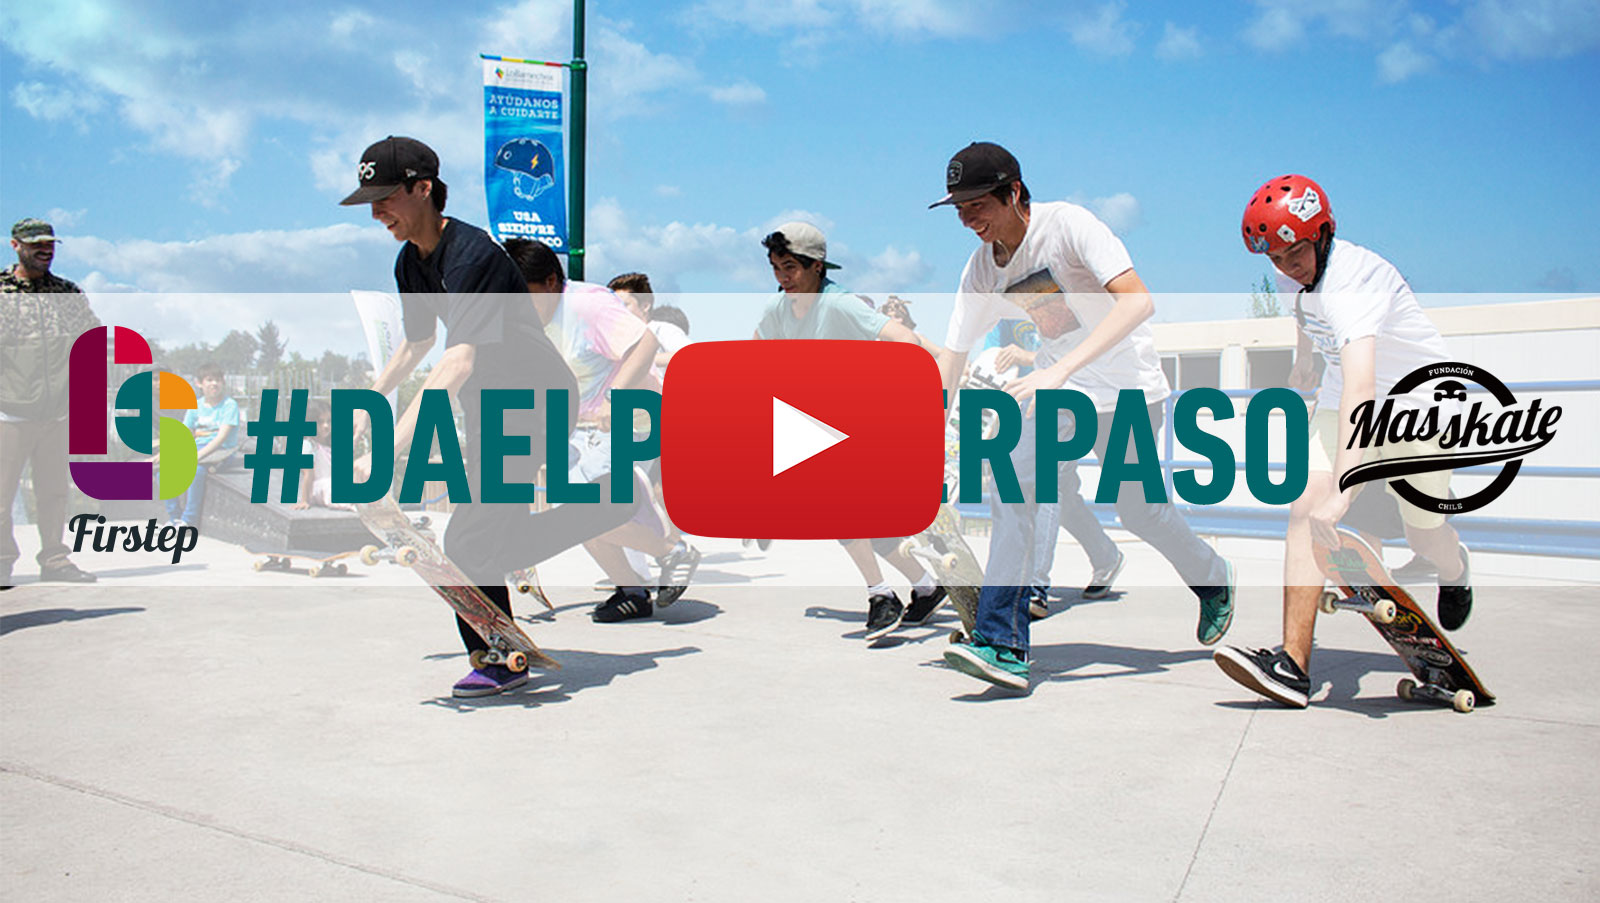 Más Skate - Integrando a través del Skate